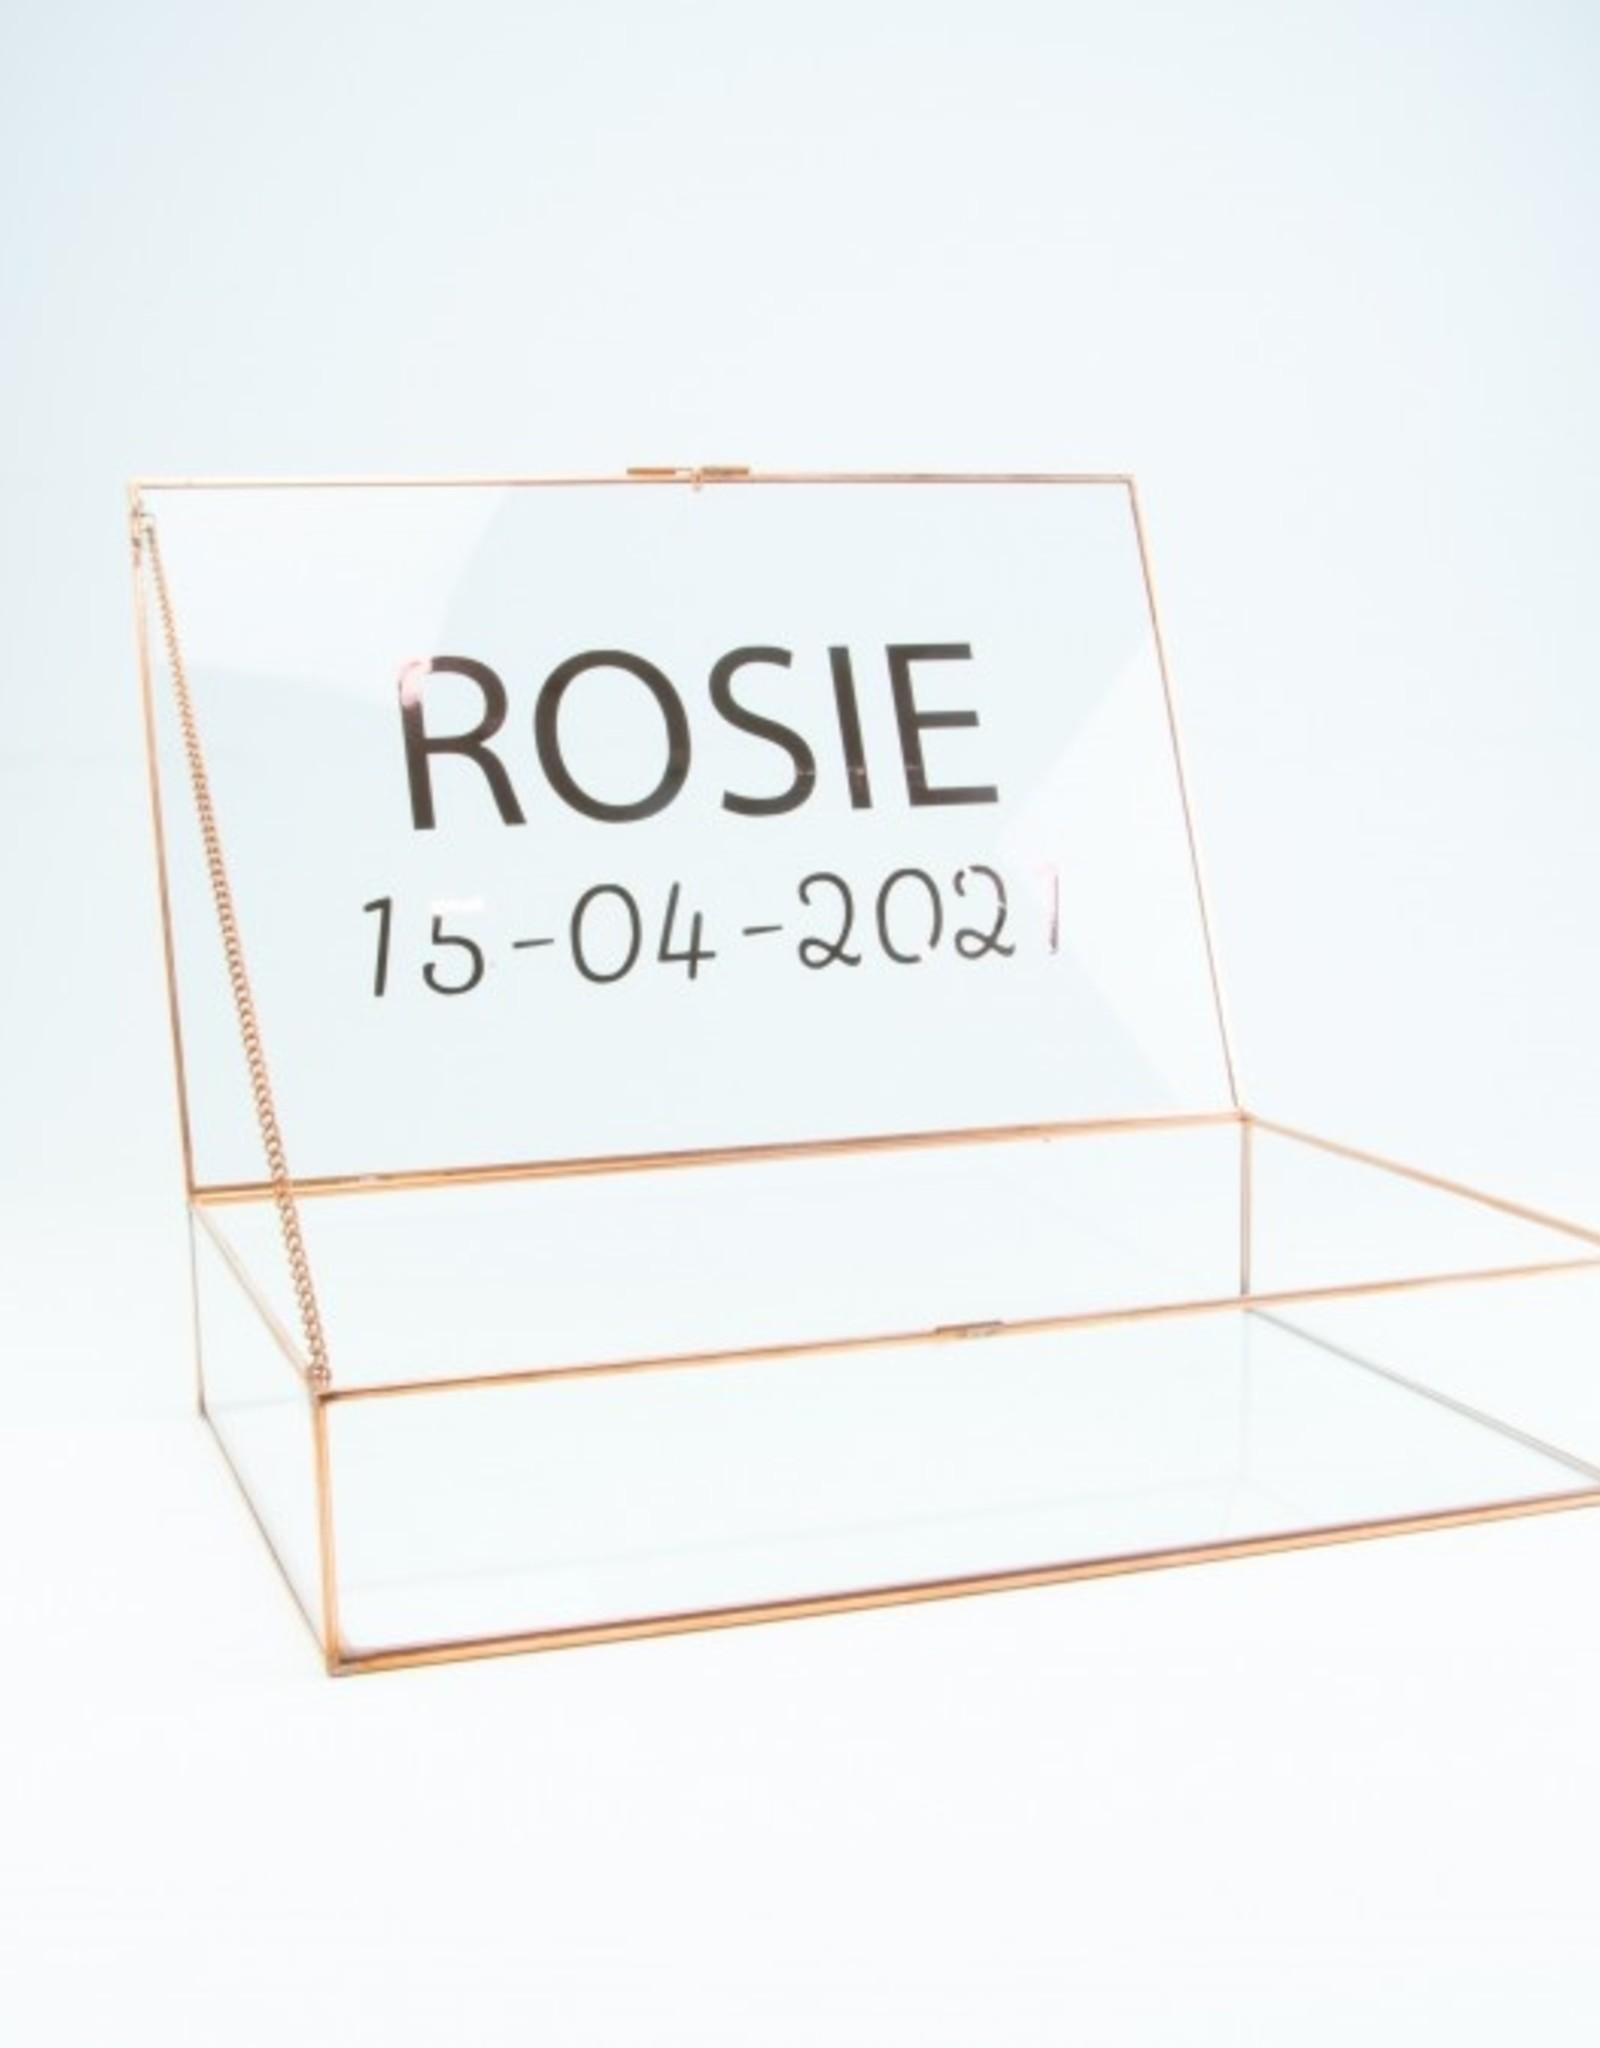 Giftbox rechthoek glas large 32cm x 21 cm x 6.5 cm roségoud